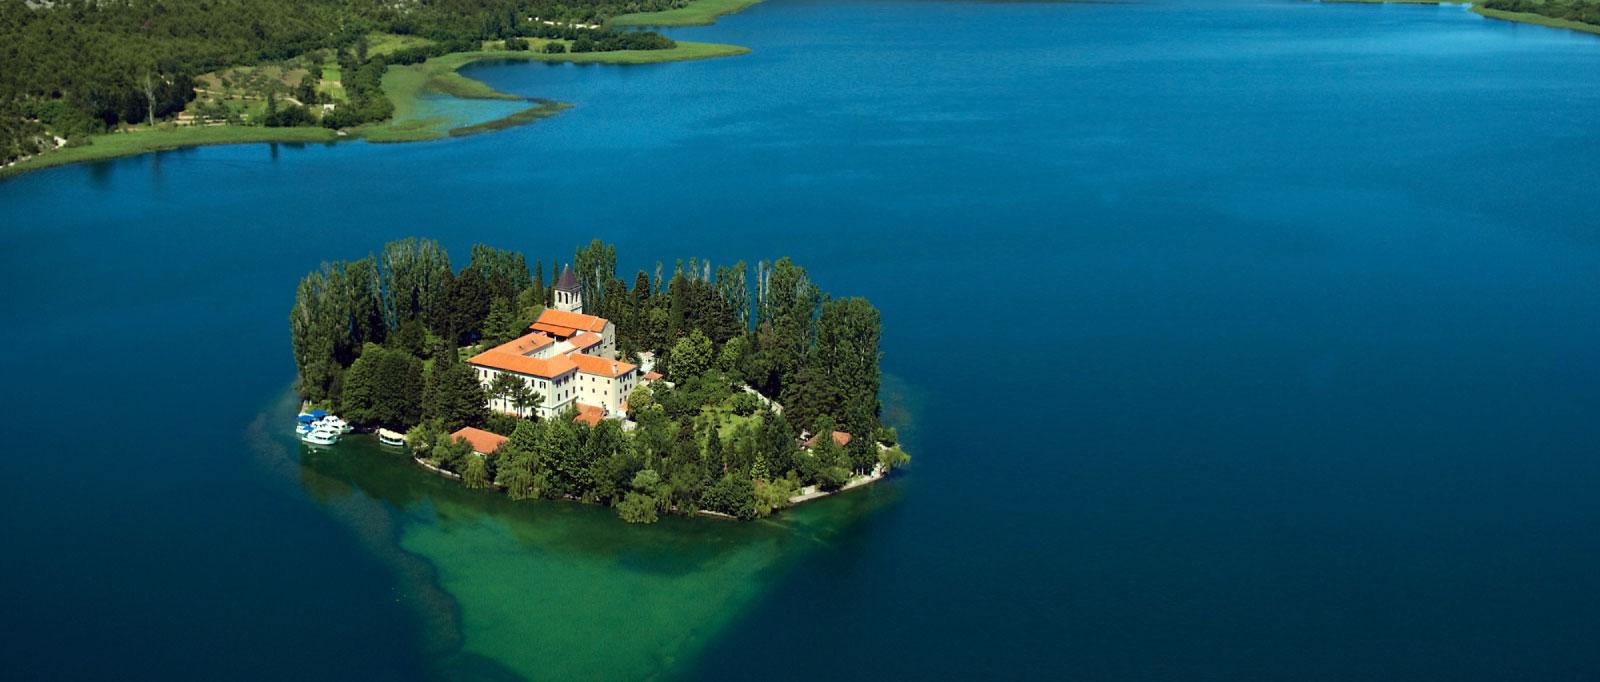 island-on-Krka